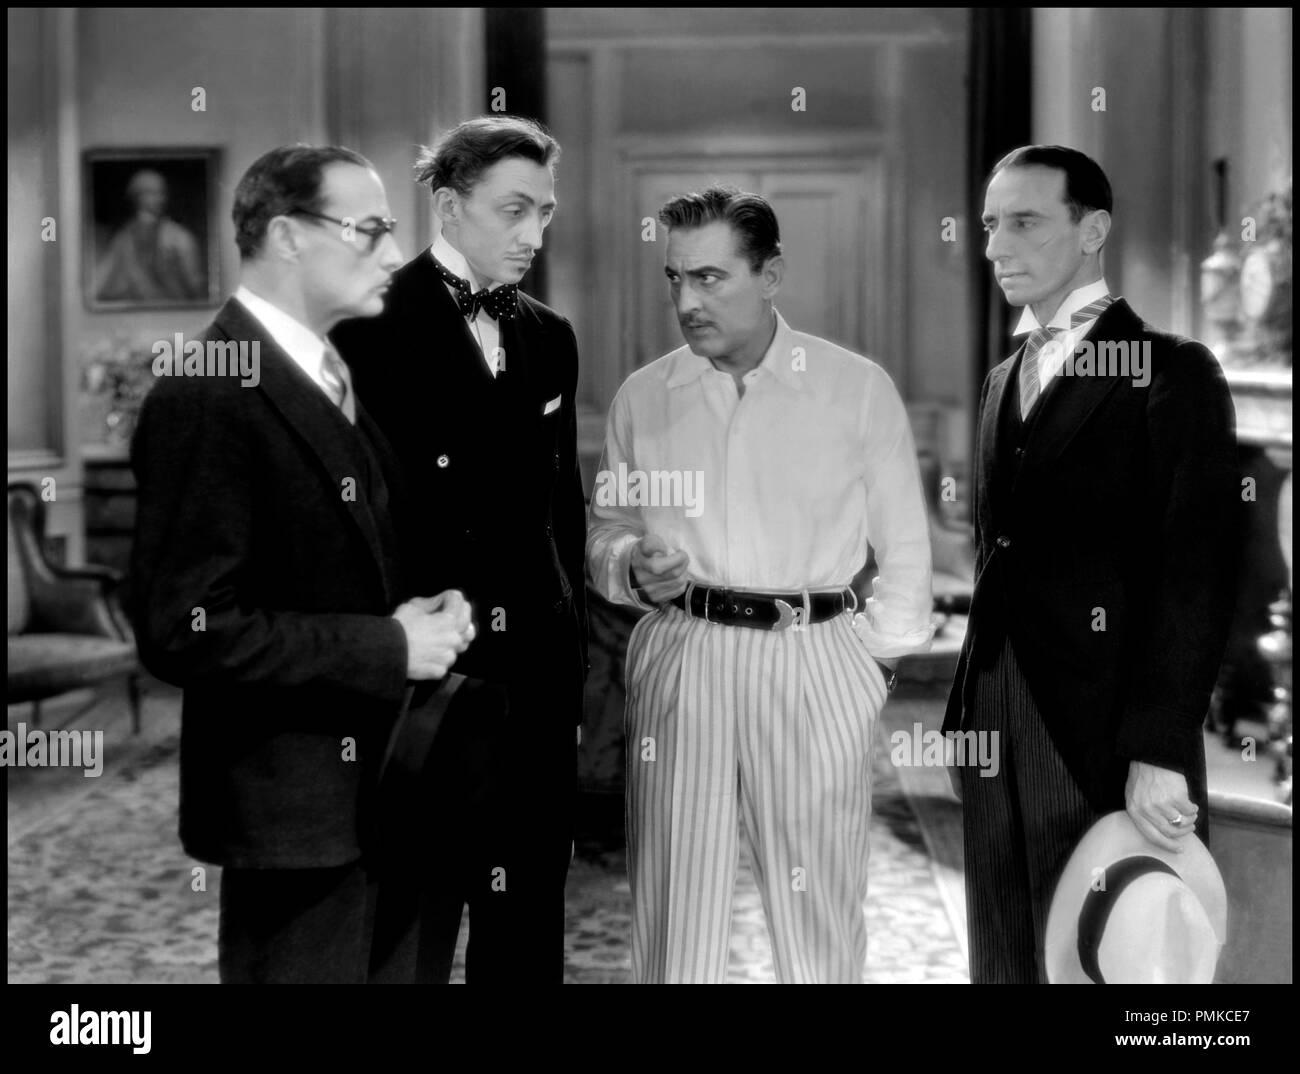 Prod DB © Metro-Goldwyn-Mayer / DR ARSENE LUPIN (ARSENE LUPIN) de Jack Conway 1932 USA avec Mischa Auer et John Barrymore d'apres la piece de Francis de Croisset d'apres le personnage de Maurice Leblanc code MGM: 596 Stock Photo